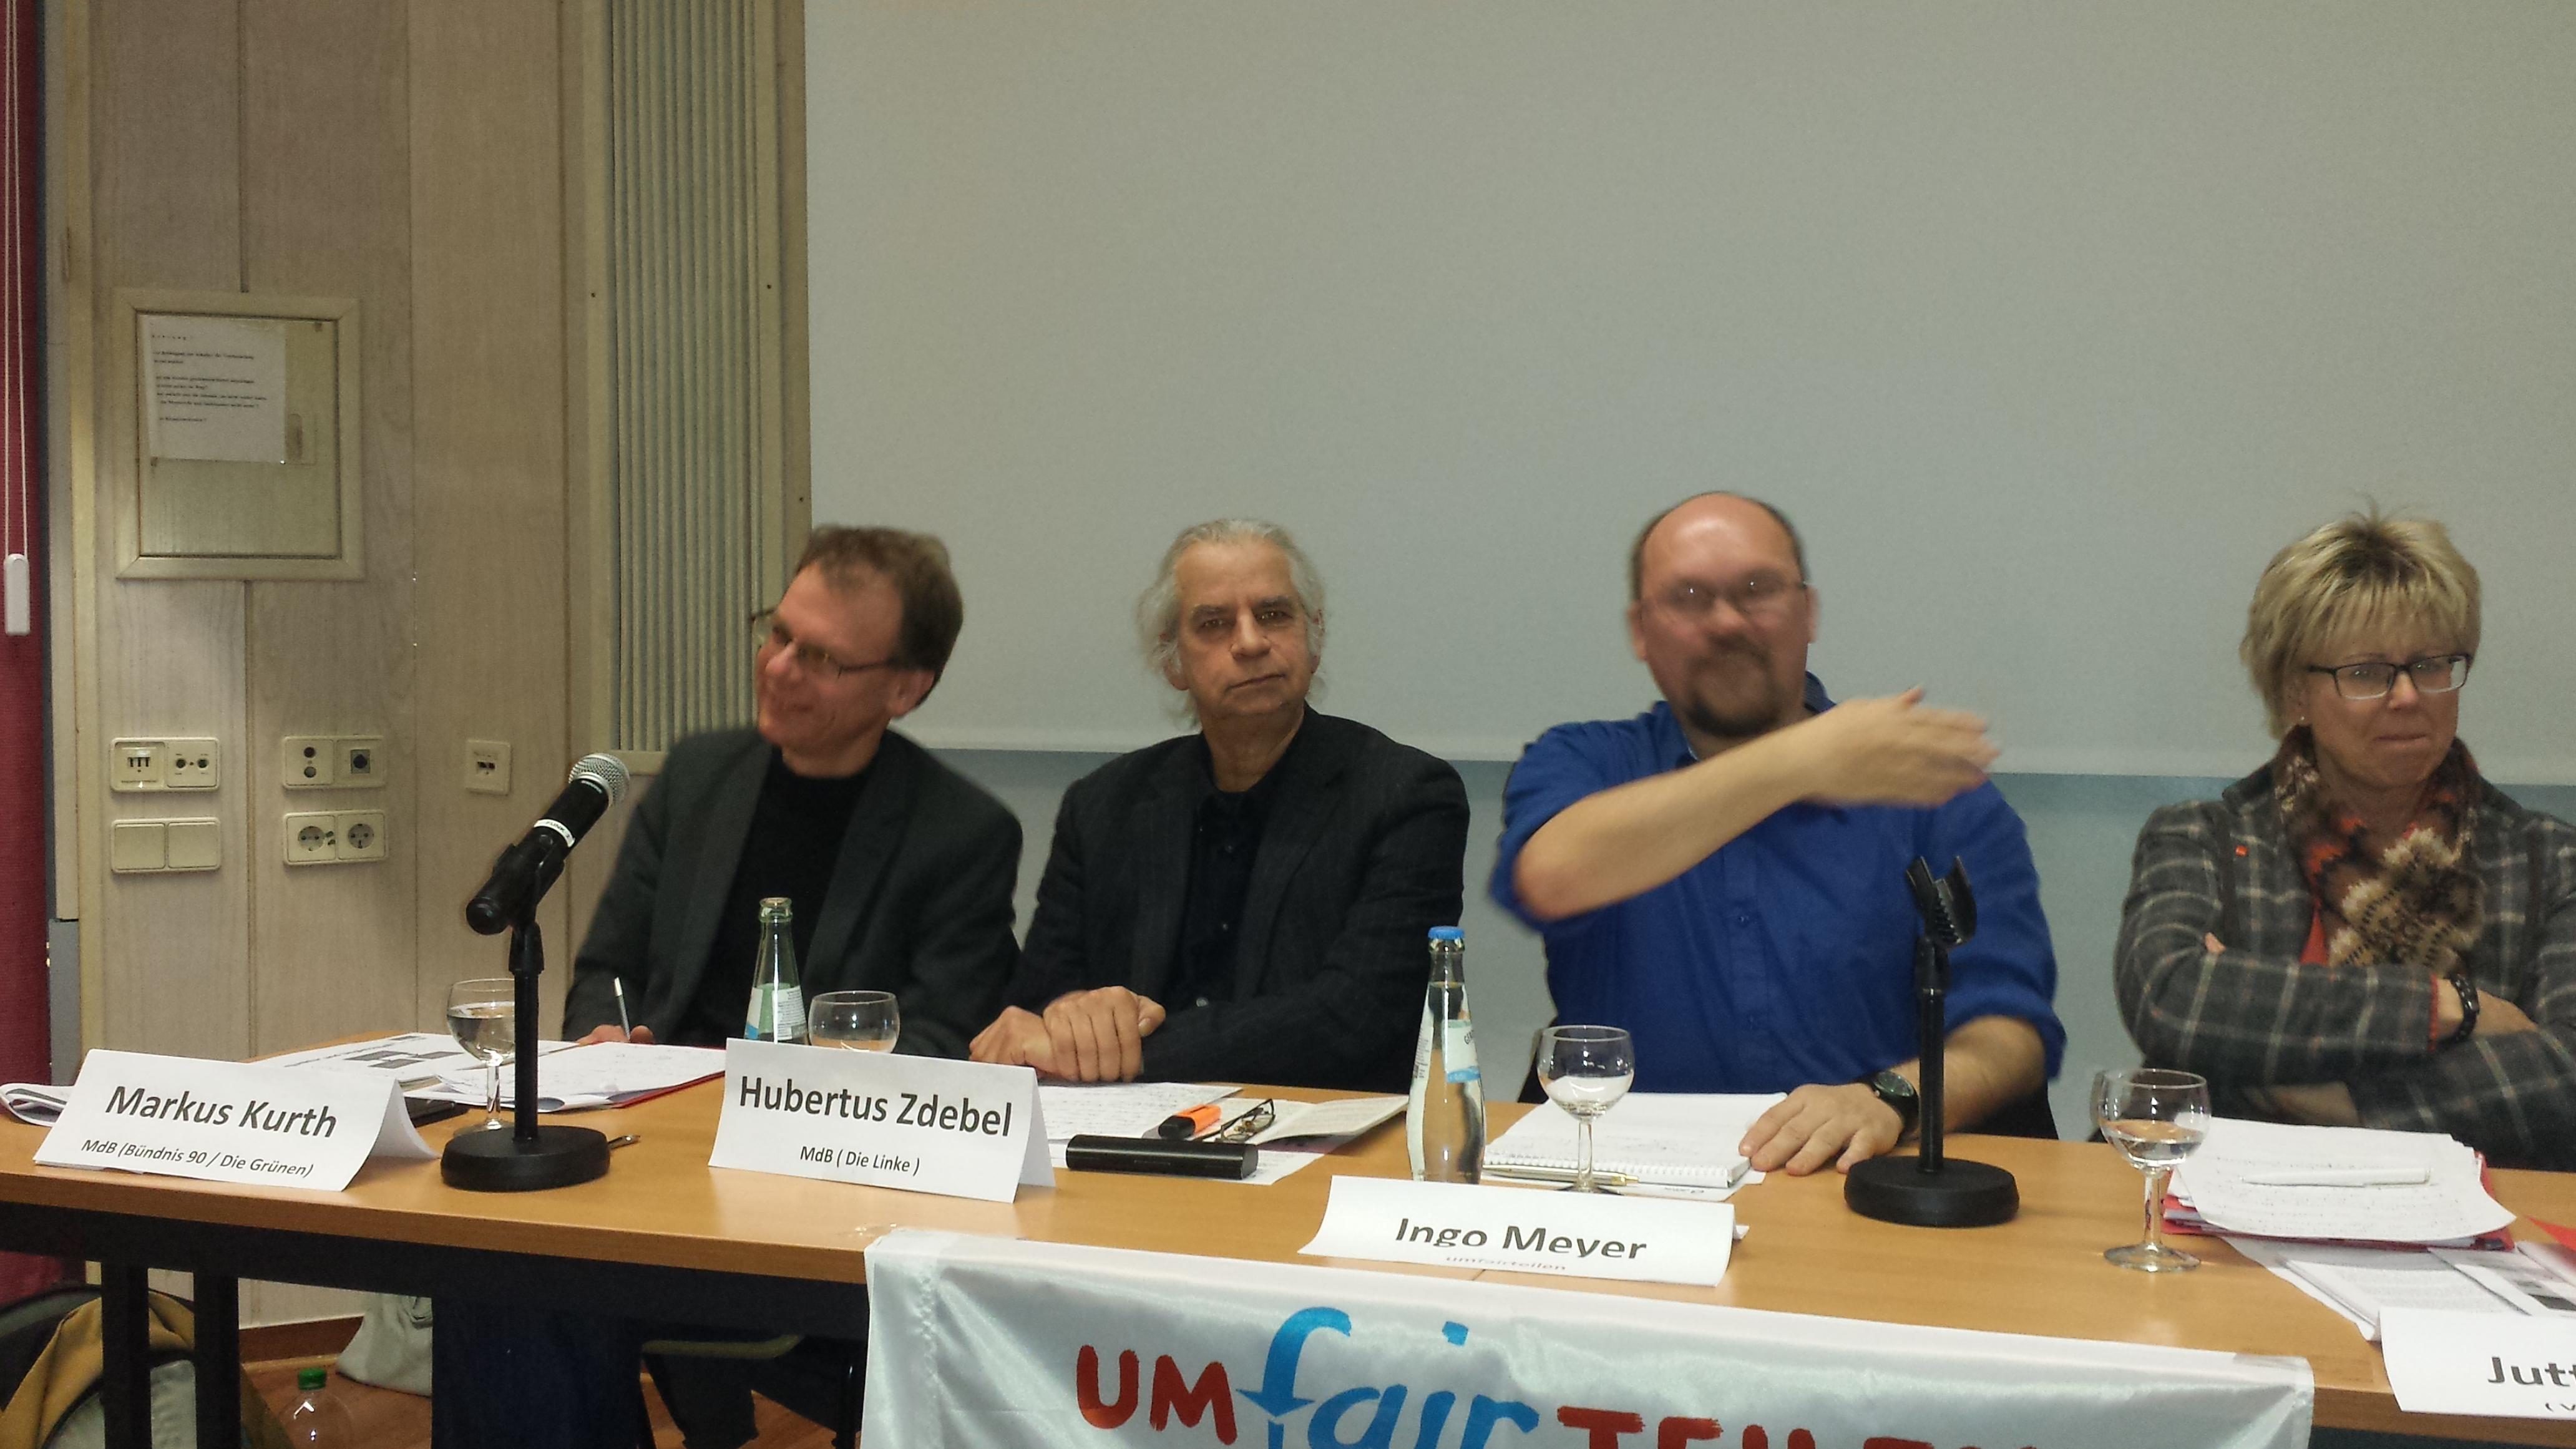 Auf dem Podium: Markus Kurth, Hubertus Zdebel, Ingo Meyer (Koordinator Bündnis für UMfairtTEILEN Dortmund und Jutta Reiter (von links nach rechts); Fotos: Claus Stille